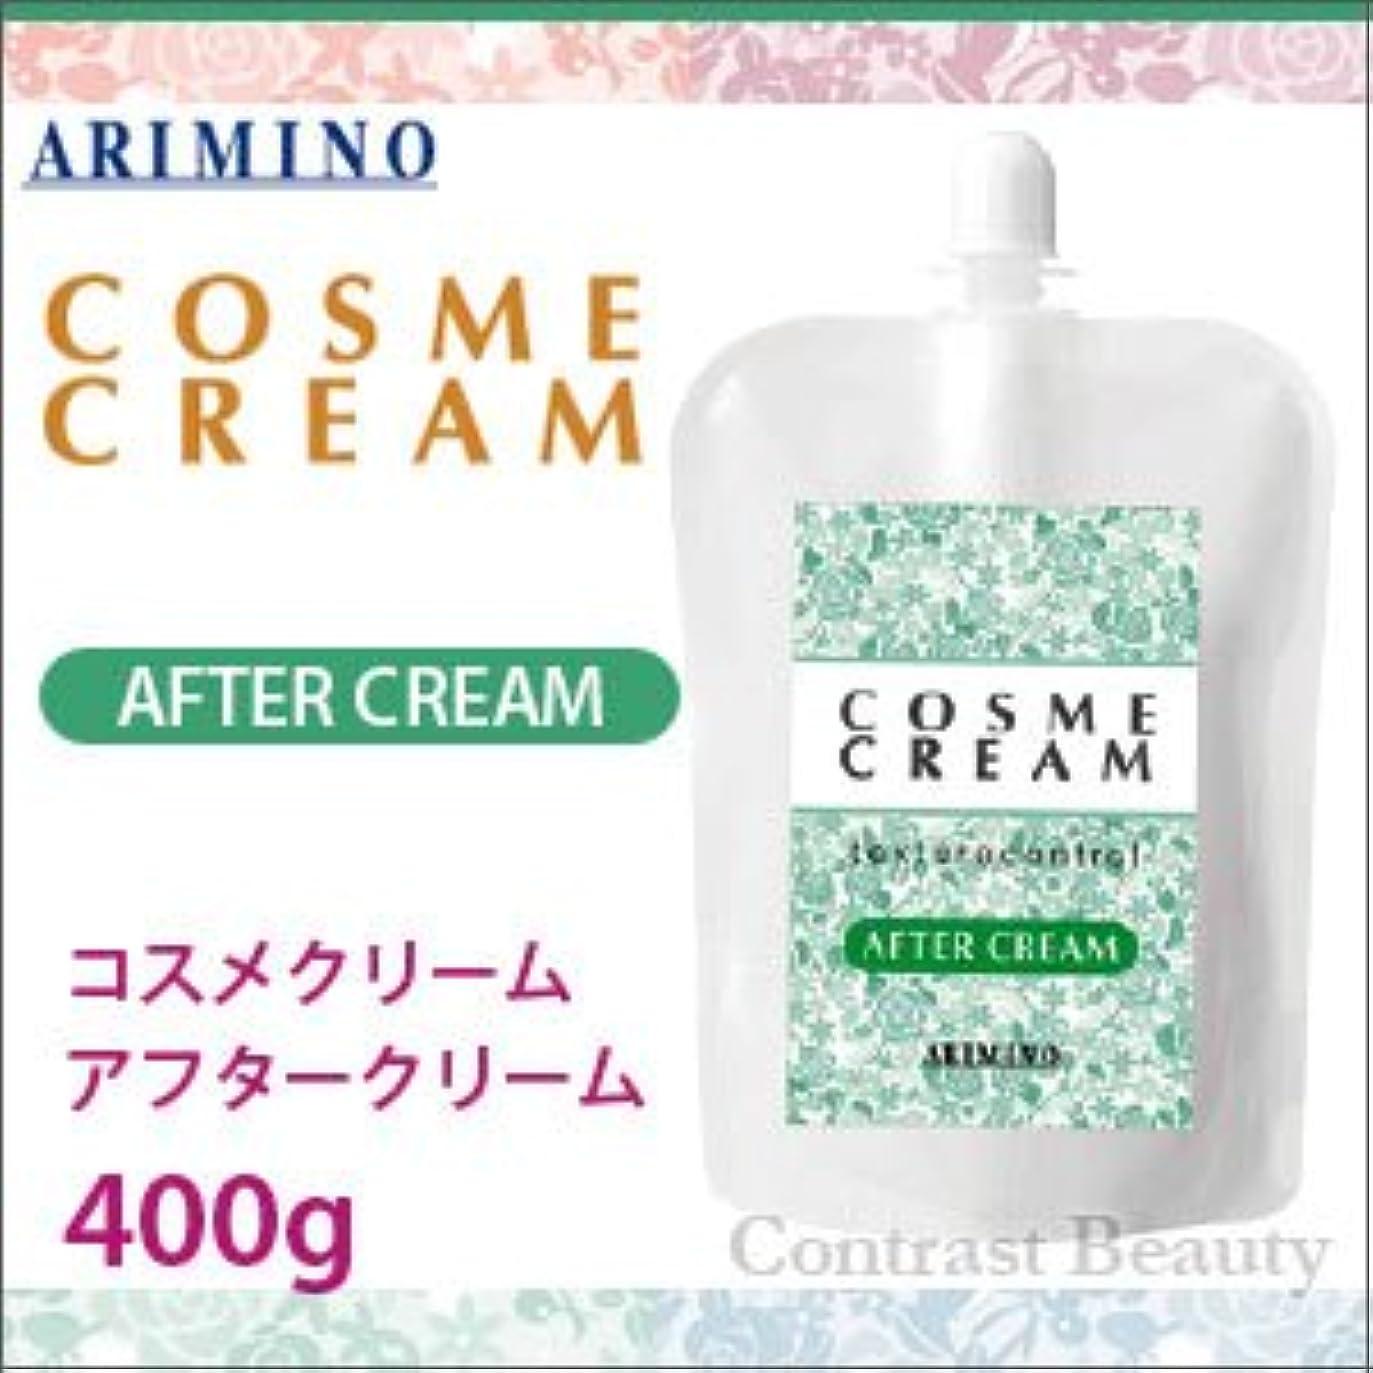 はさみ買収円形【X5個セット】 アリミノ コスメクリーム アフタークリーム 400g